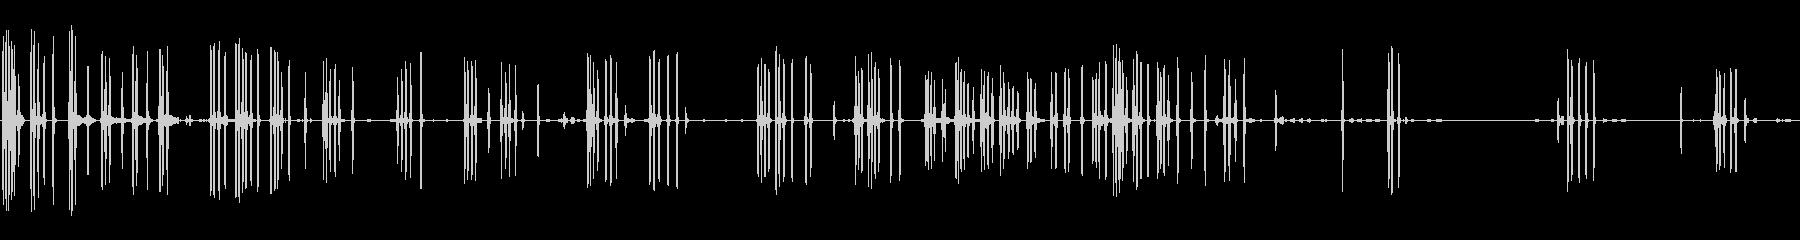 ジャーマンシェパード:Barえる、うなるの未再生の波形